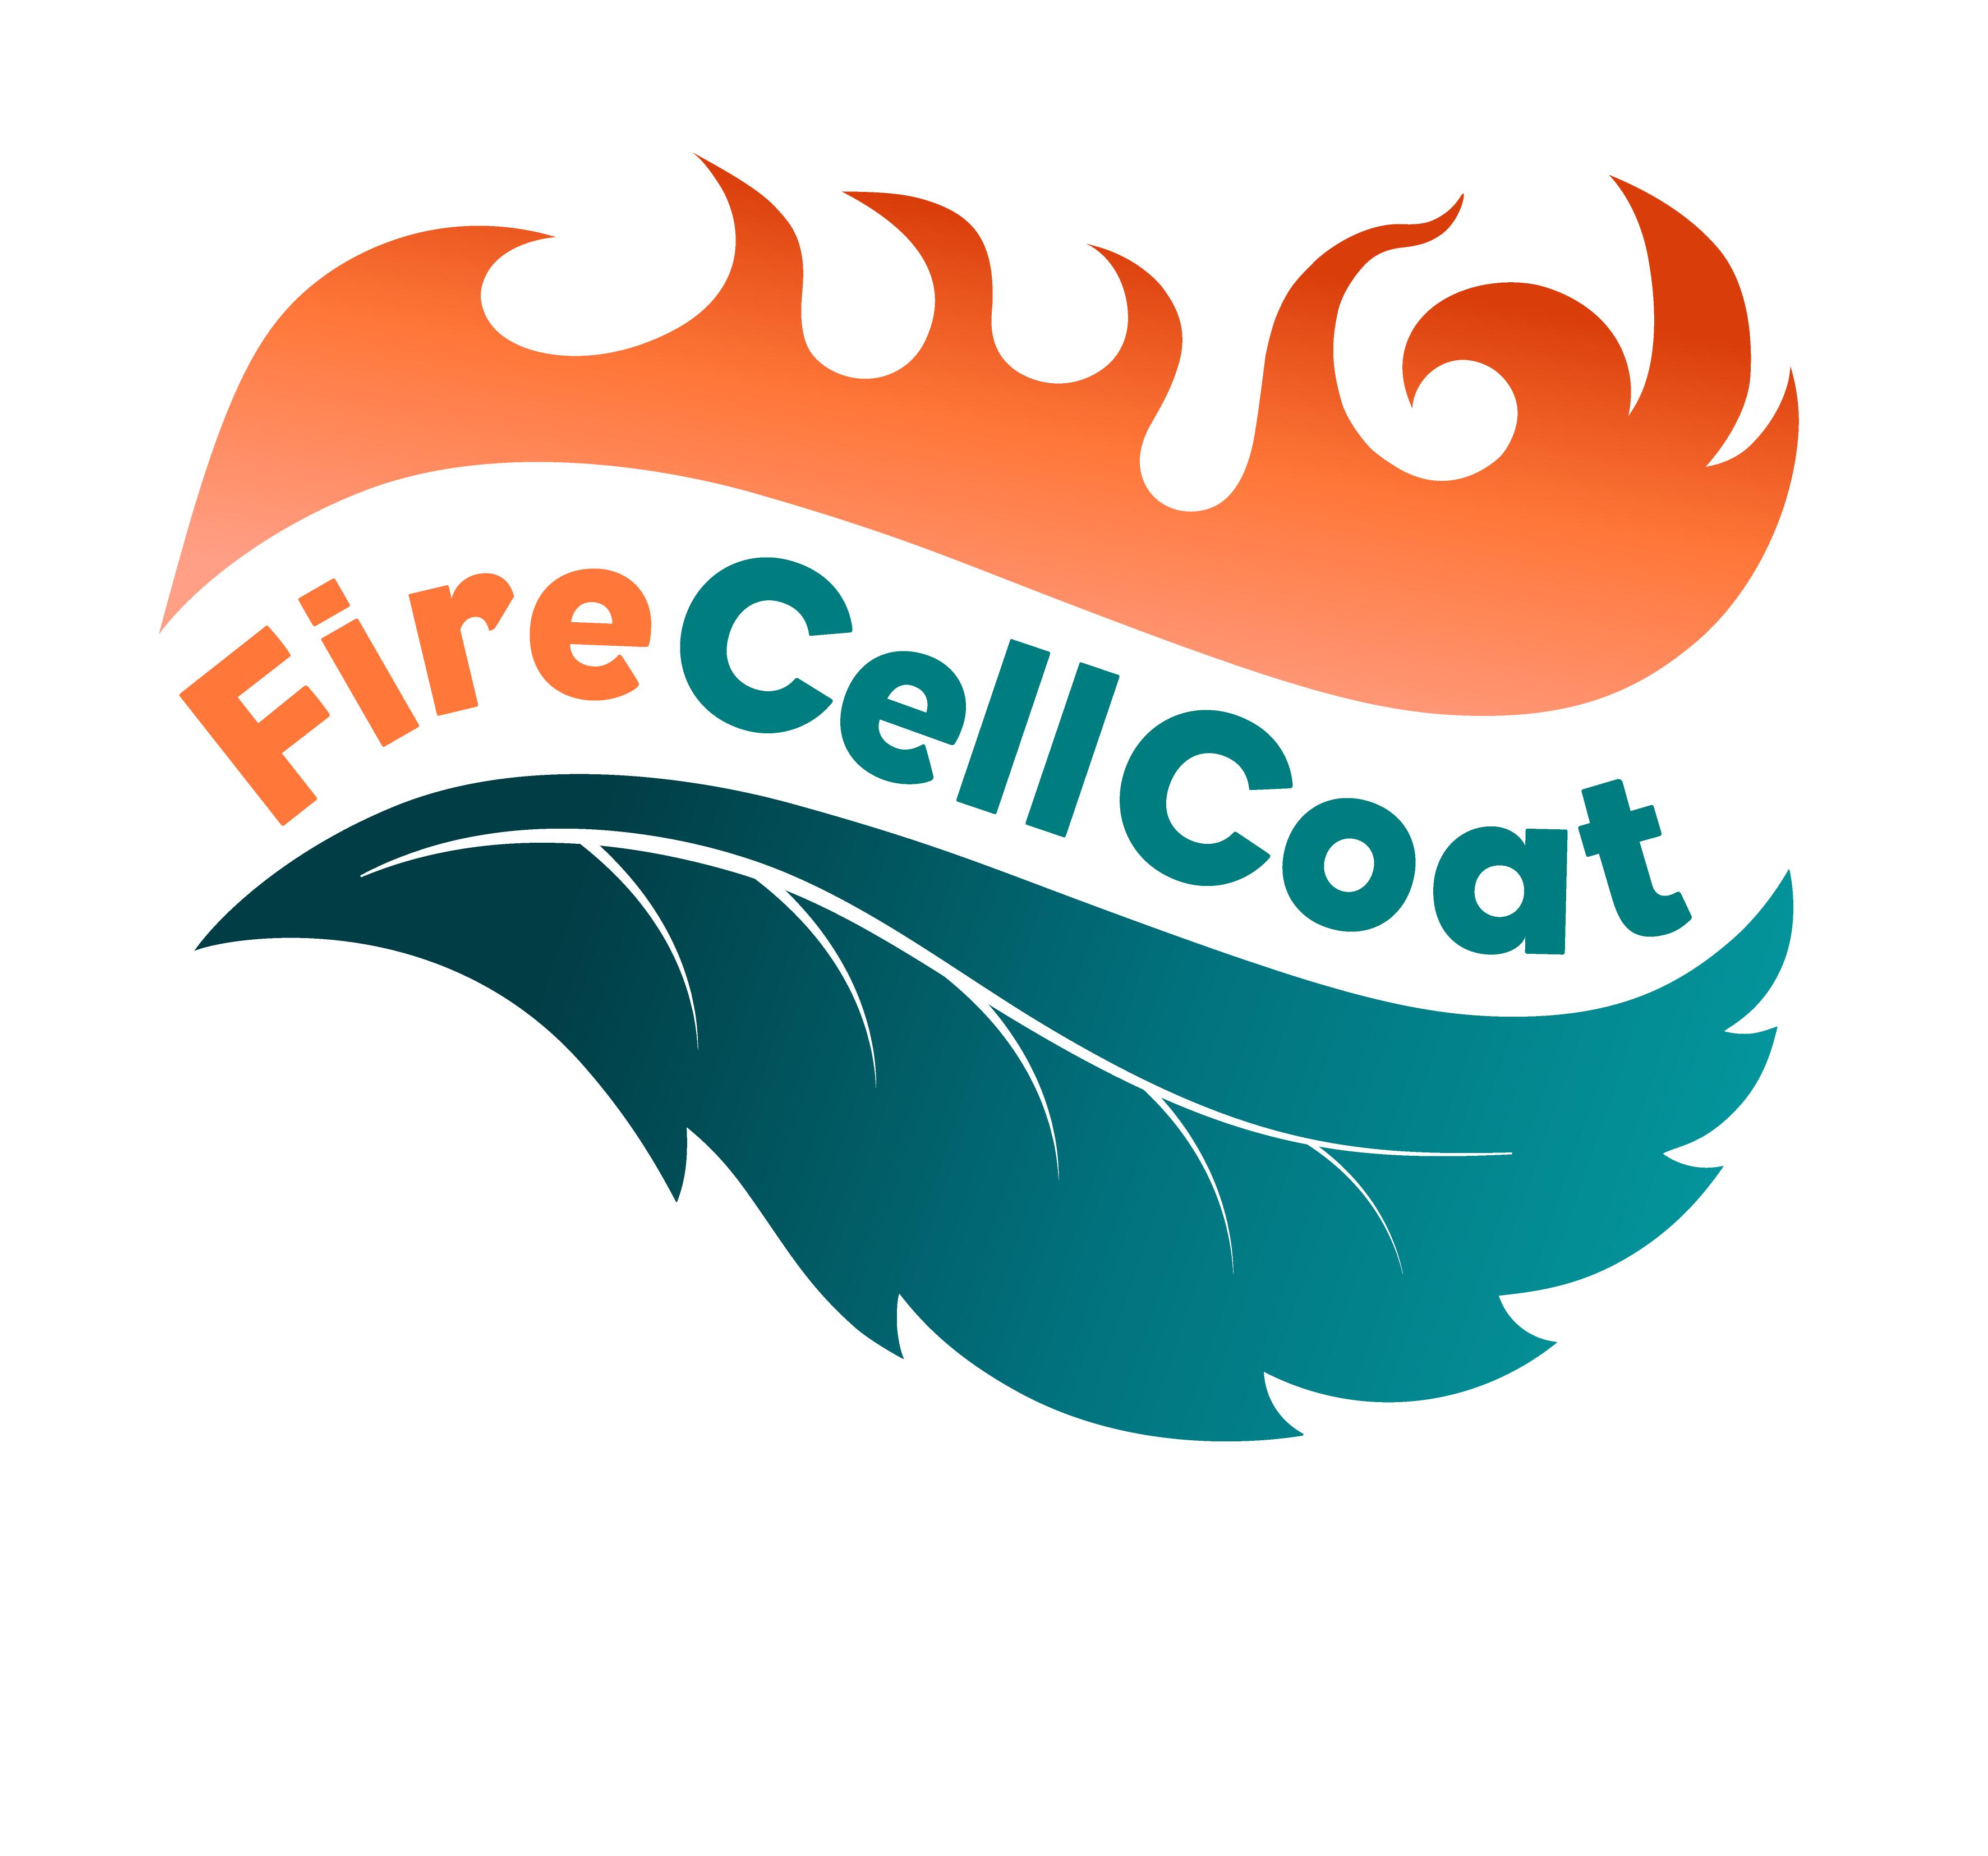 FireCellCoat